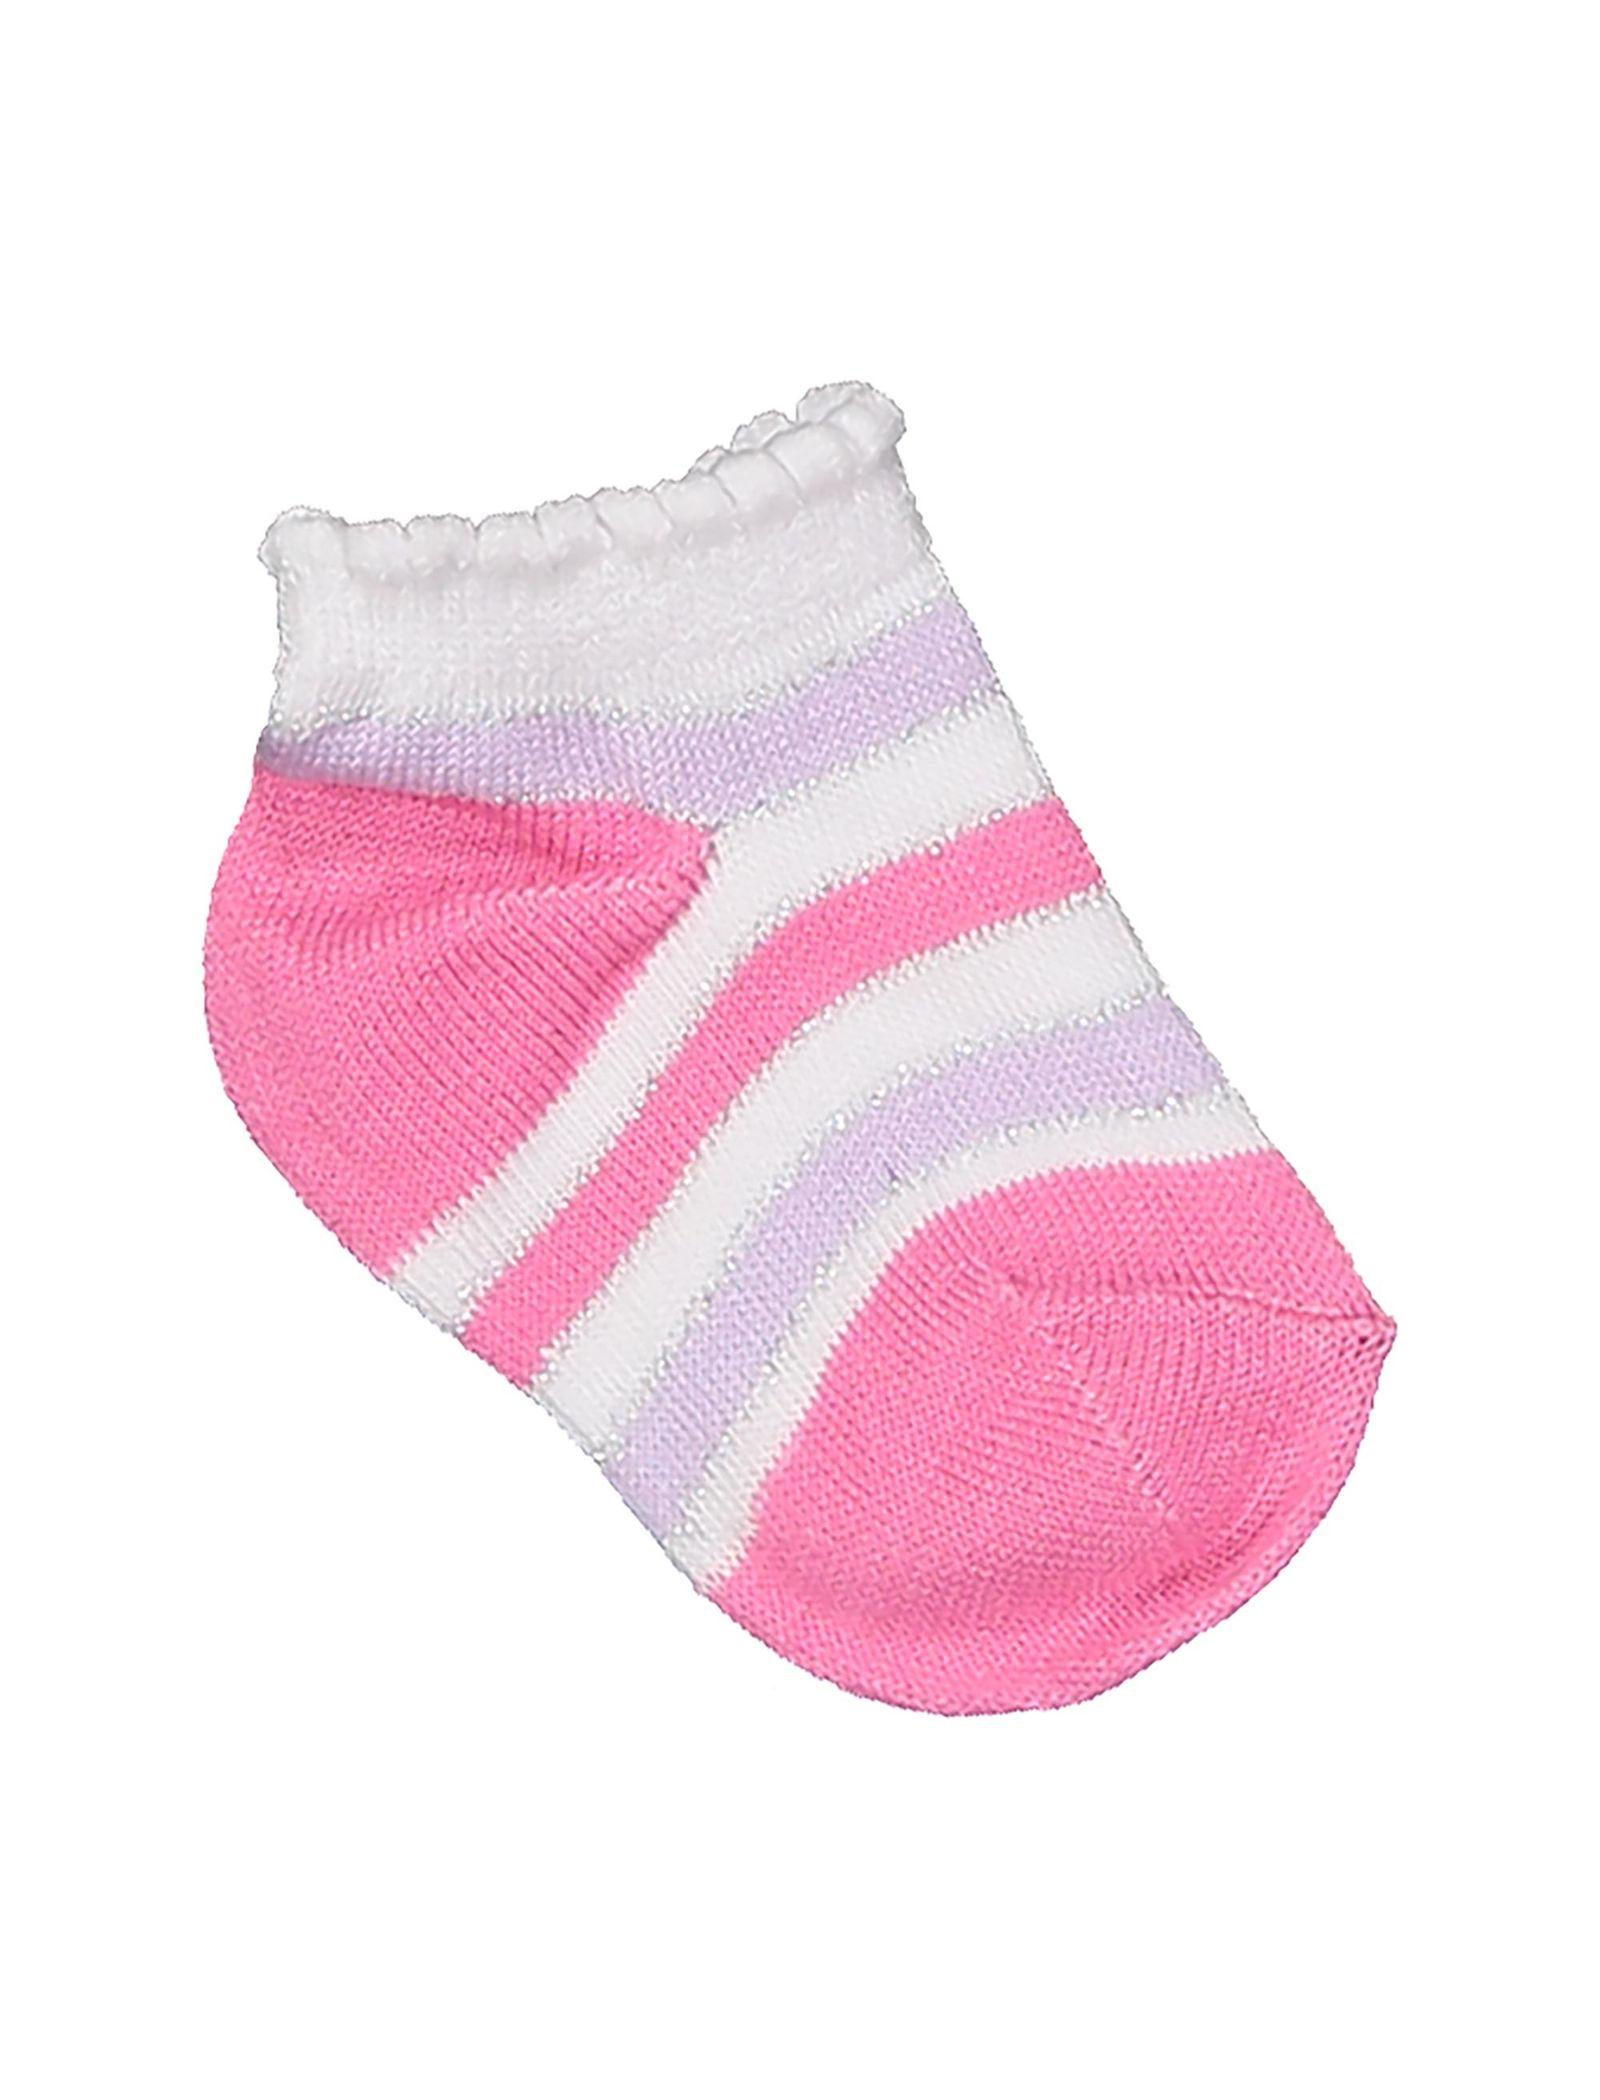 جوراب نخی نوزادی دخترانه بسته 3 عددی - بلوکیدز - بنفش و سفيد - 3